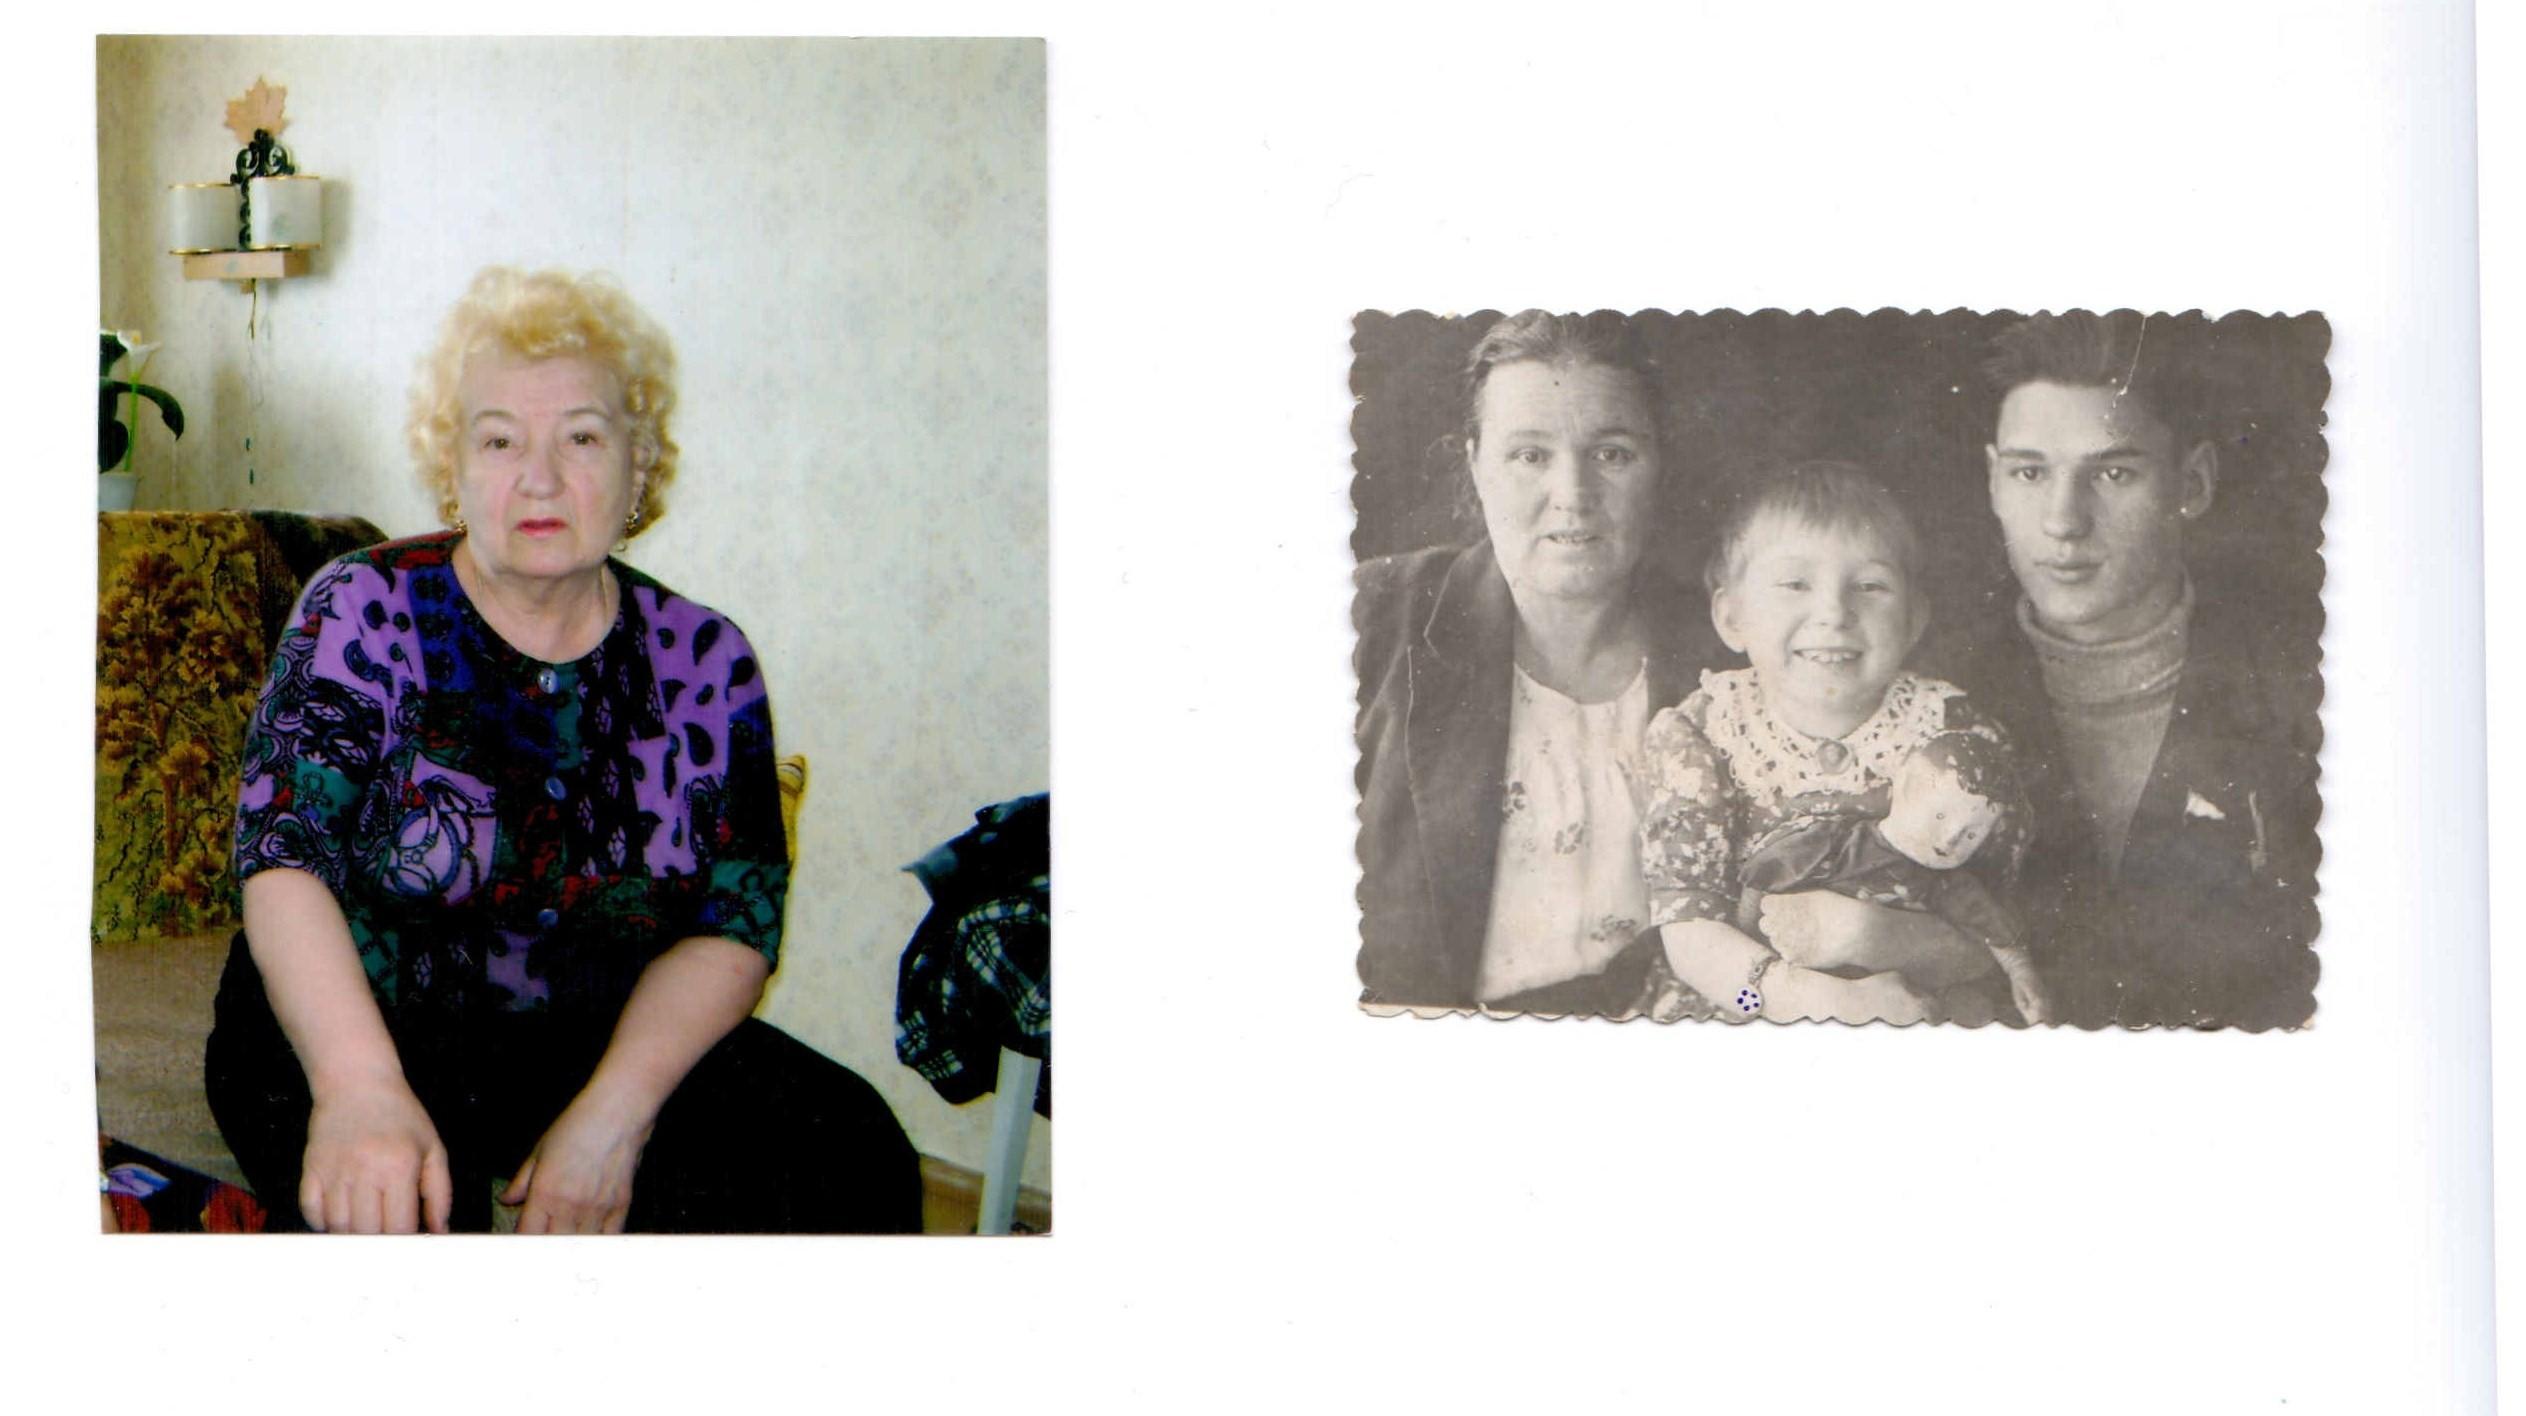 Рассказ для взрослых с дедушкой 23 фотография